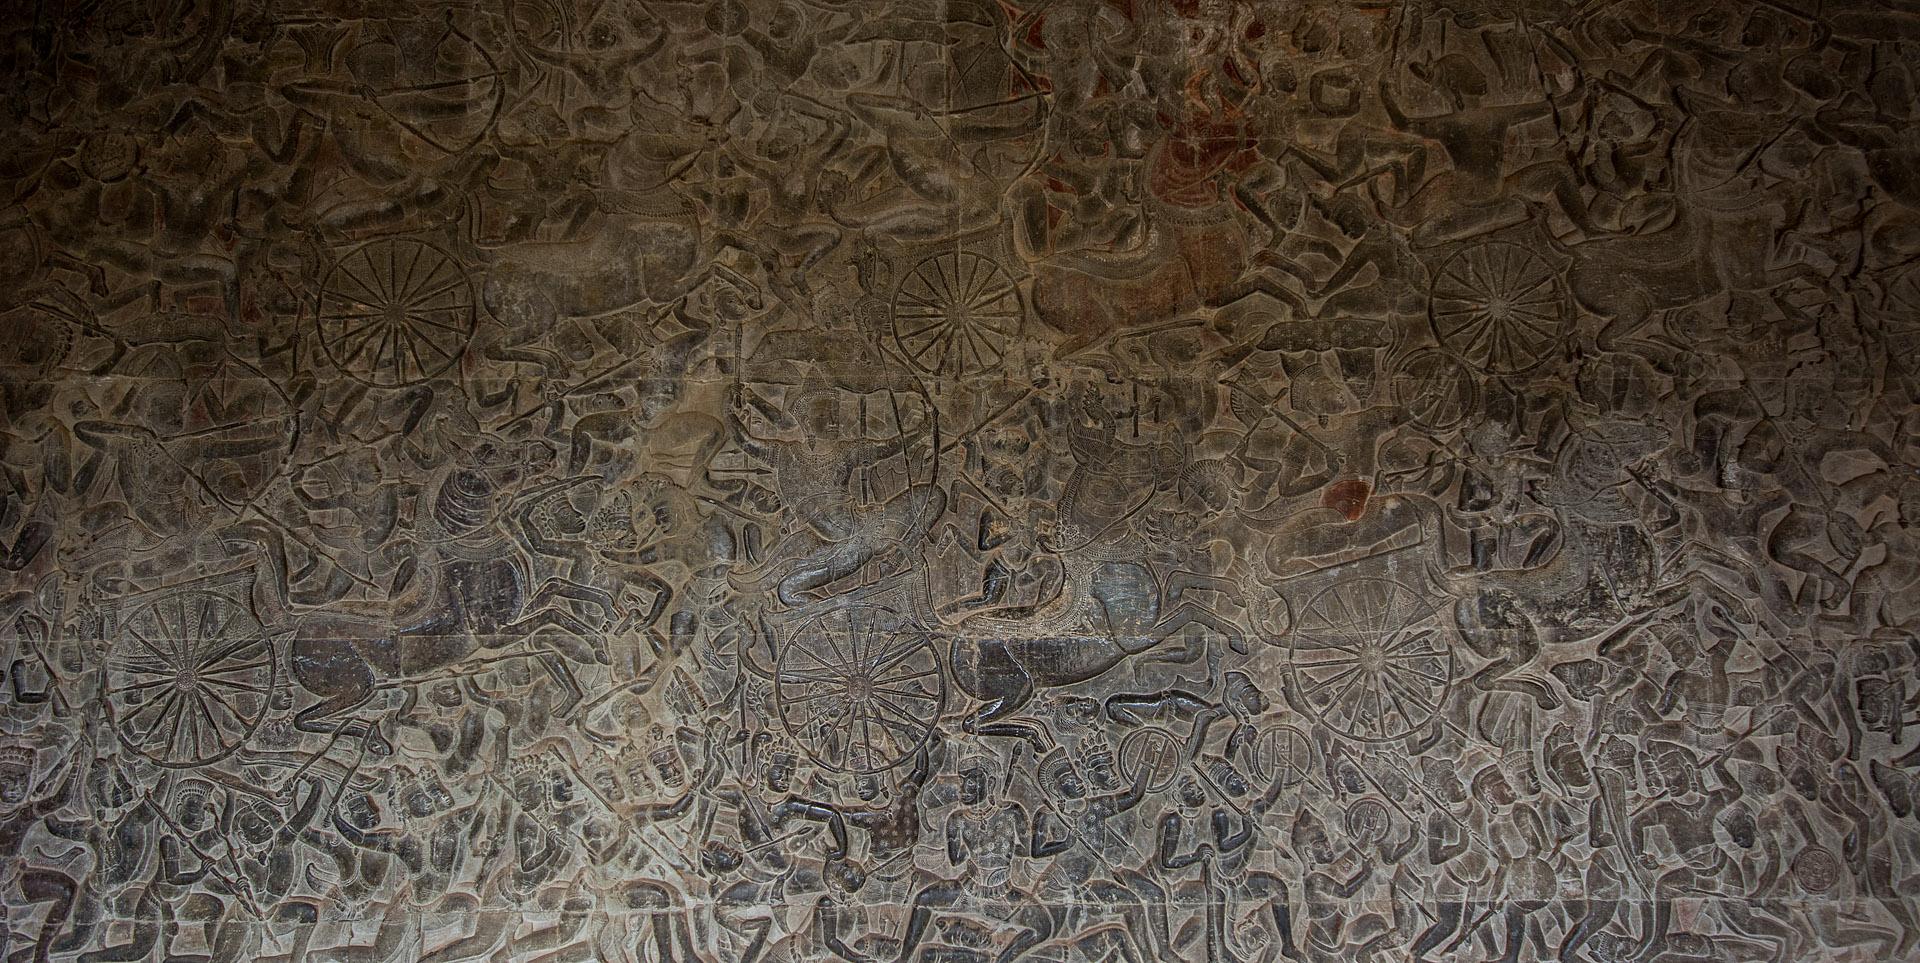 Battle of Kurukshetra